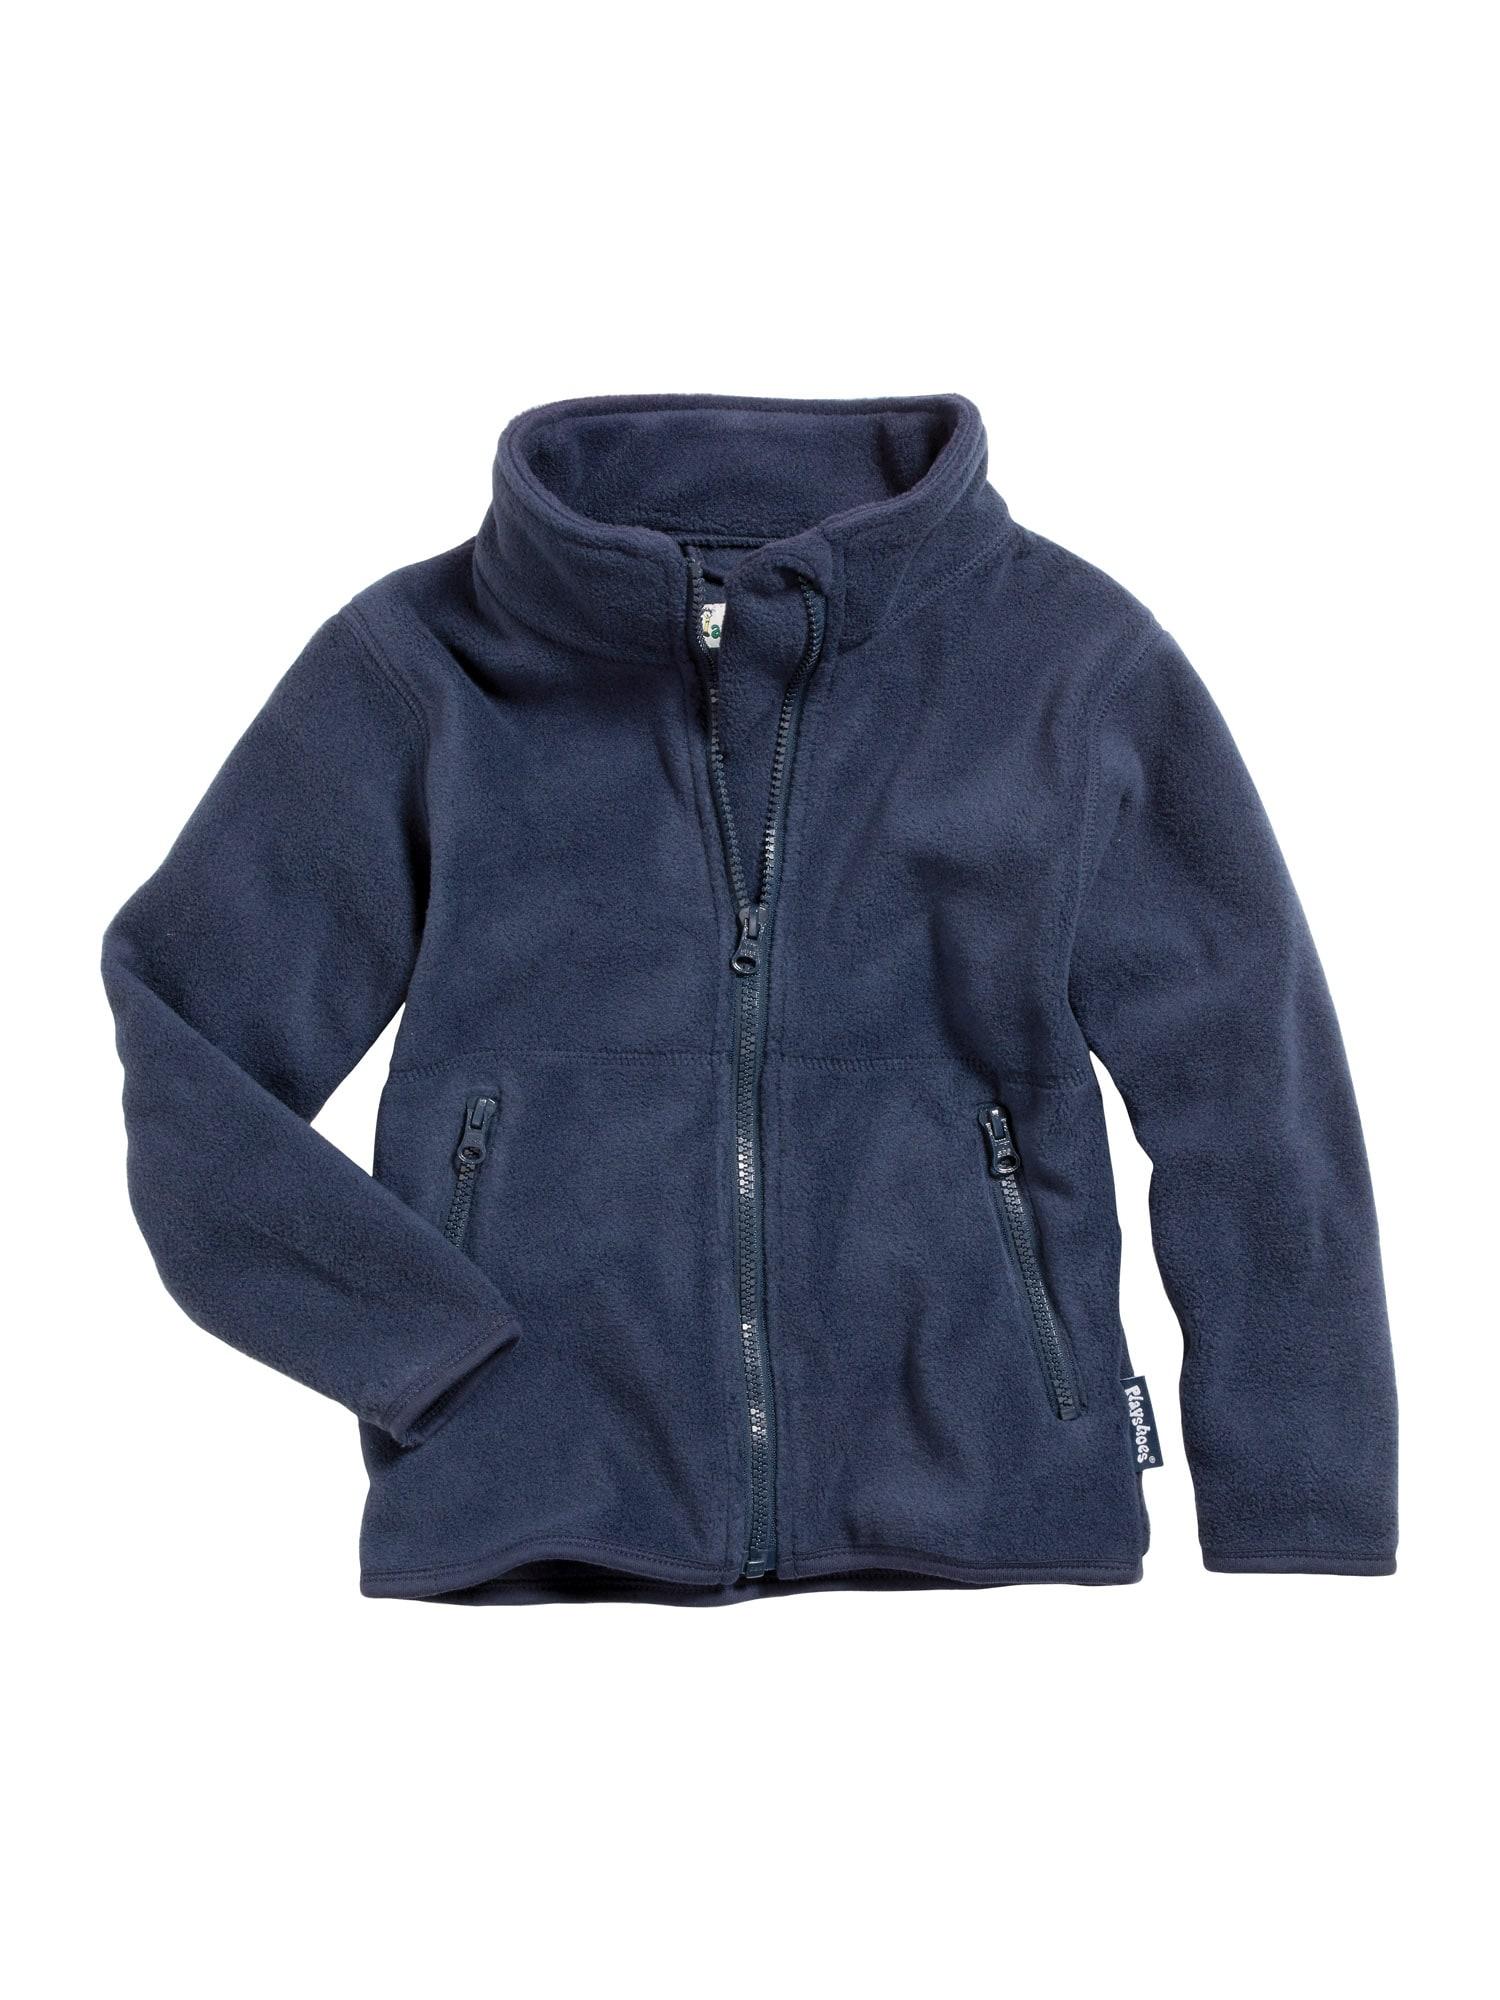 PLAYSHOES Flisinis džemperis tamsiai mėlyna jūros spalva